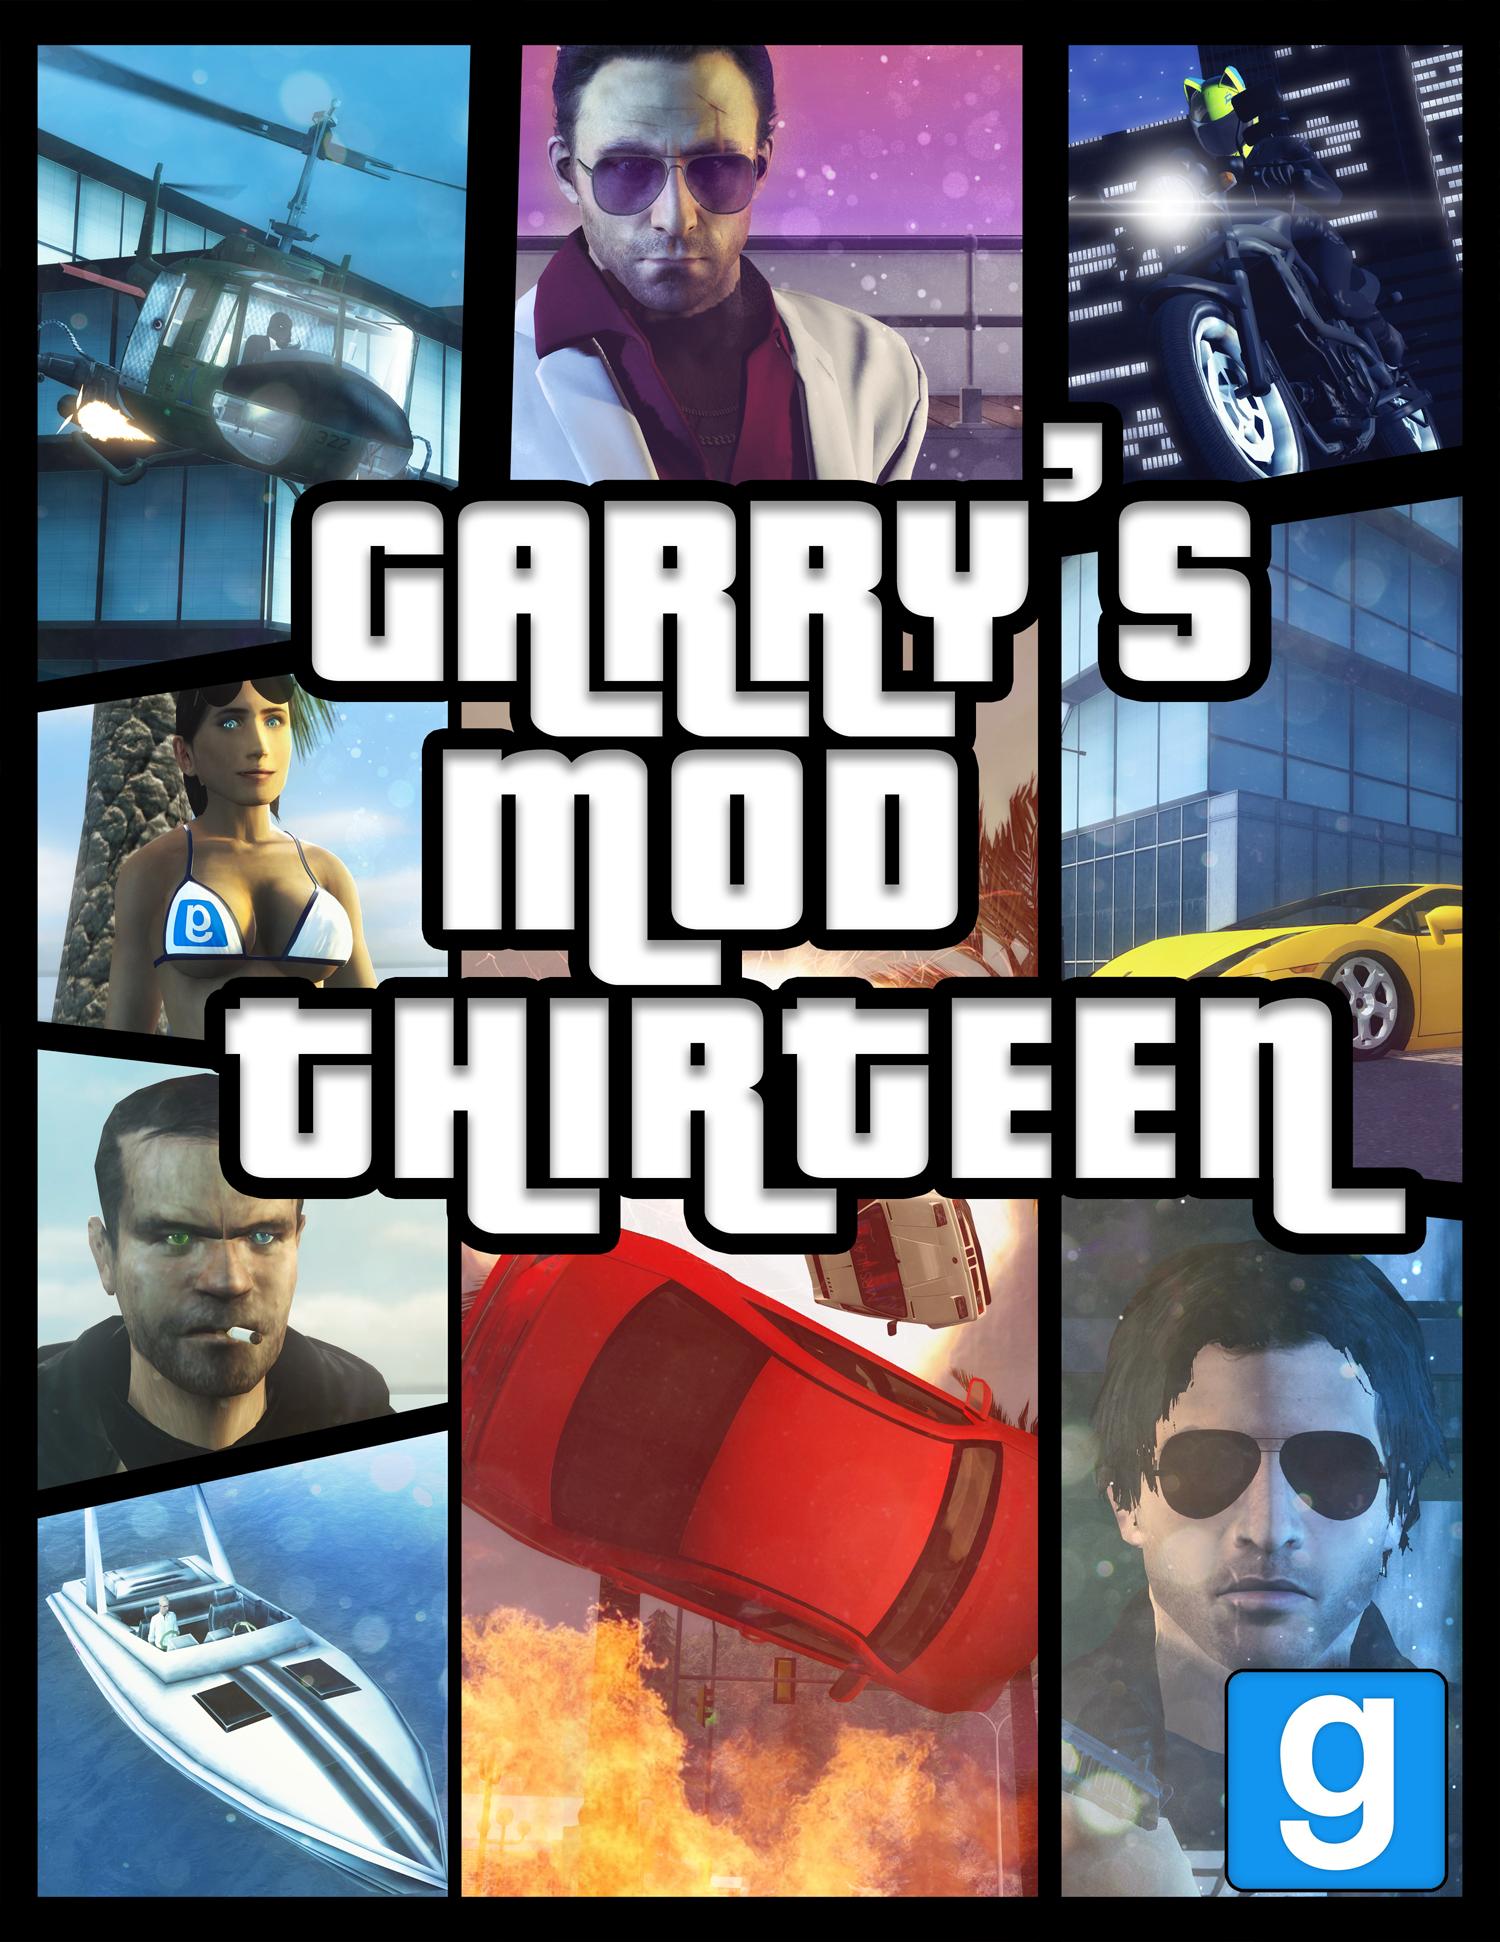 Garry's Mod 13 [GMOD] by MrShlapa